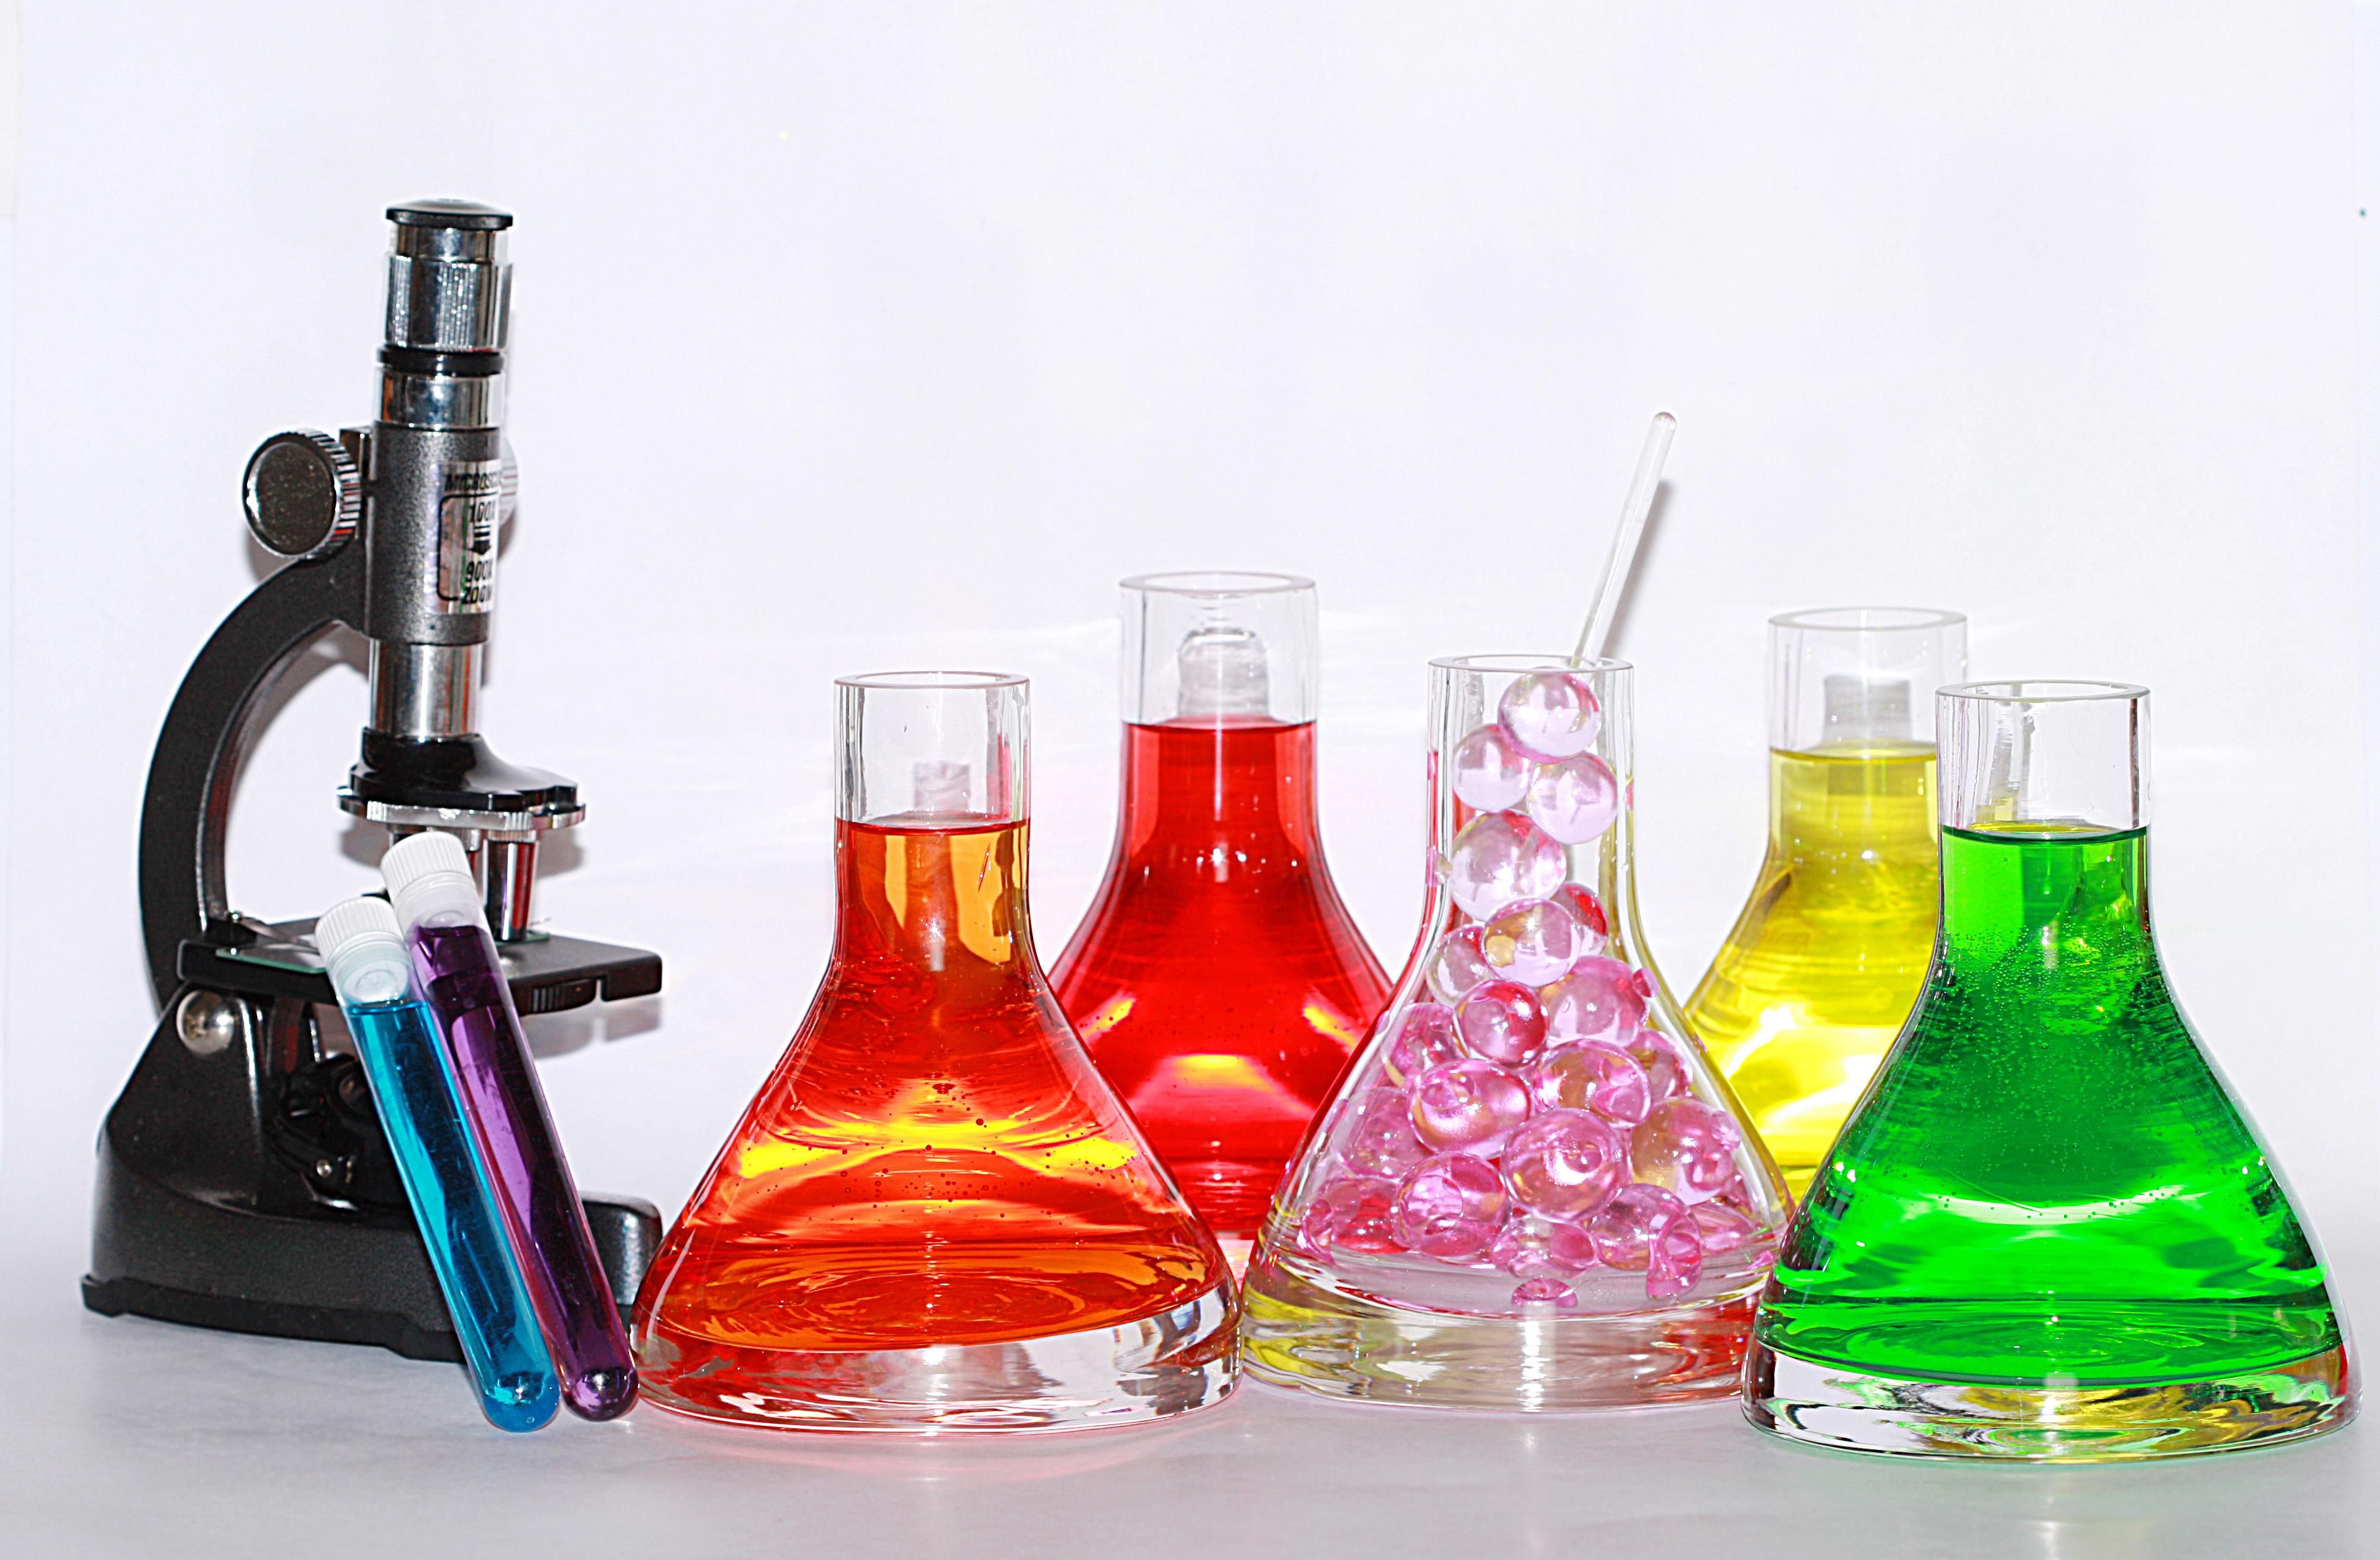 Криминалистическая экспертиза полимеров